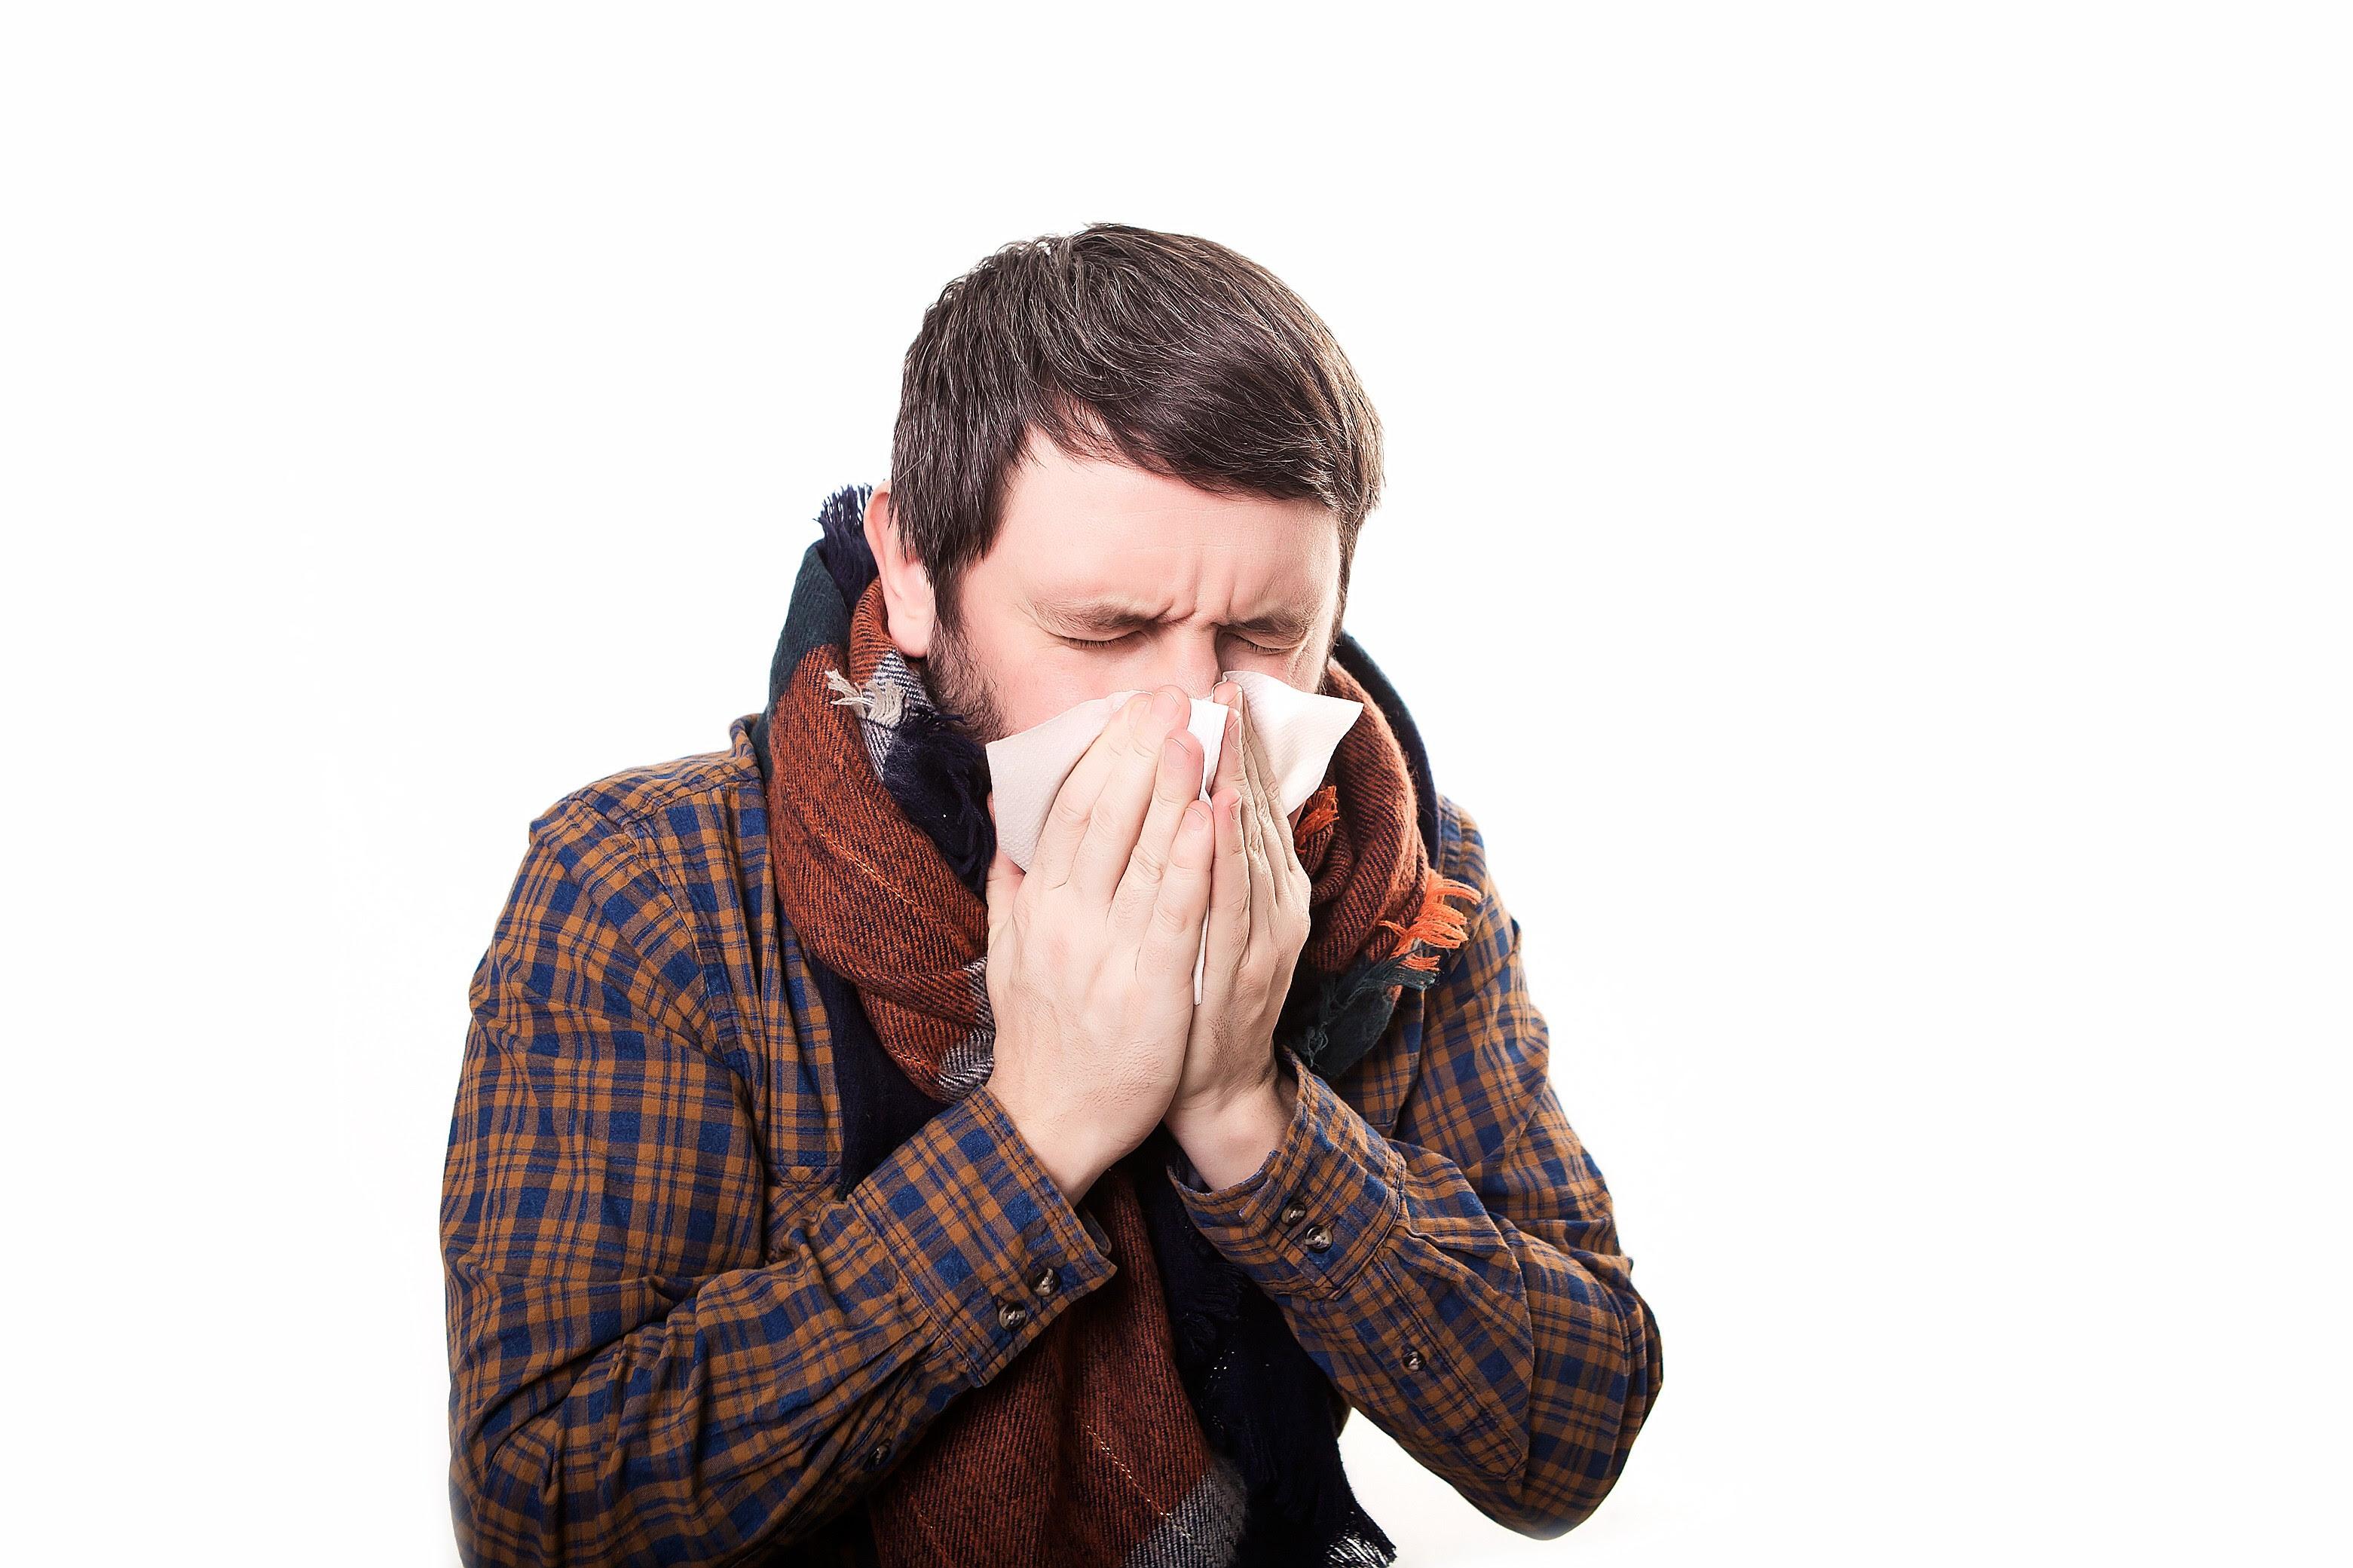 sick-guy